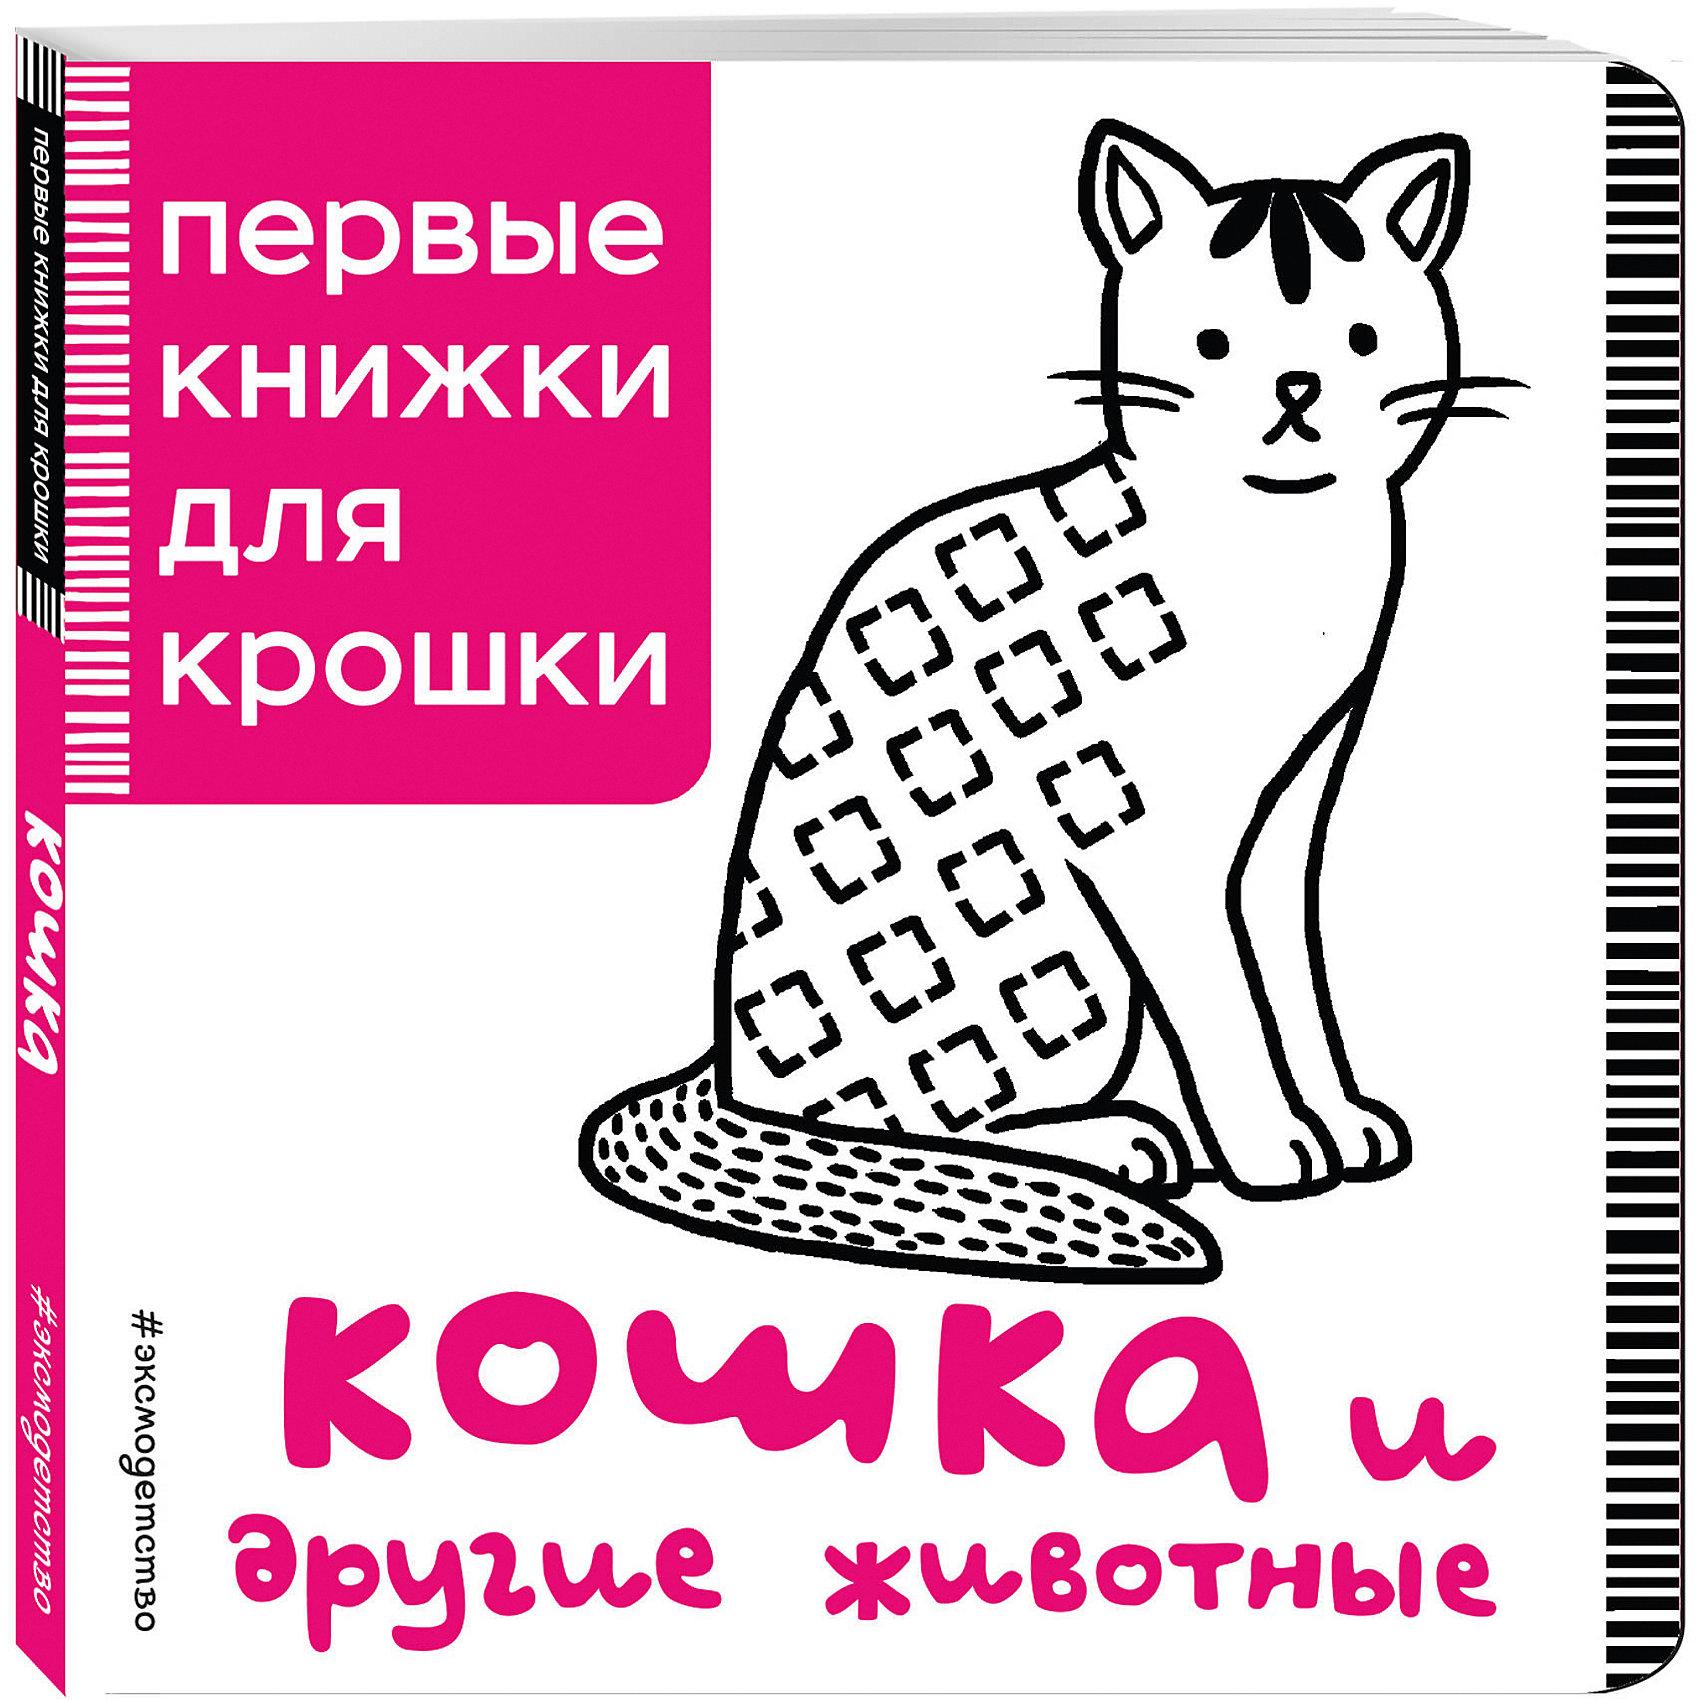 Кошка и другие животныеПервые книги малыша<br>Характеристики товара: <br><br>• ISBN: 9785699916047<br>• возраст от: 0 лет<br>• формат: 70x120/32<br>• бумага: картон<br>• обложка: твердая<br>• иллюстрации: черно-белые<br>• серия: Первые книжки для крошки<br>• издательство: Эксмо<br>• автор: Елена Владимировна Талалаева<br>• художник: Елена Владимировна Талалаева<br>• количество страниц: 14<br>• размеры: 15x14 см<br><br>Издание «Кошка и другие животные» - это книга с высококонтрастными изображениями, адаптированными специально для новорожденных. <br><br>Такие картинки помогают малышам научиться фокусировать взгляд и различать изображения. На картинках - забавные животные.<br><br>Книгу «Кошка и другие животные» можно купить в нашем интернет-магазине.<br><br>Ширина мм: 155<br>Глубина мм: 140<br>Высота мм: 40<br>Вес г: 145<br>Возраст от месяцев: 24<br>Возраст до месяцев: 2147483647<br>Пол: Унисекс<br>Возраст: Детский<br>SKU: 5535441